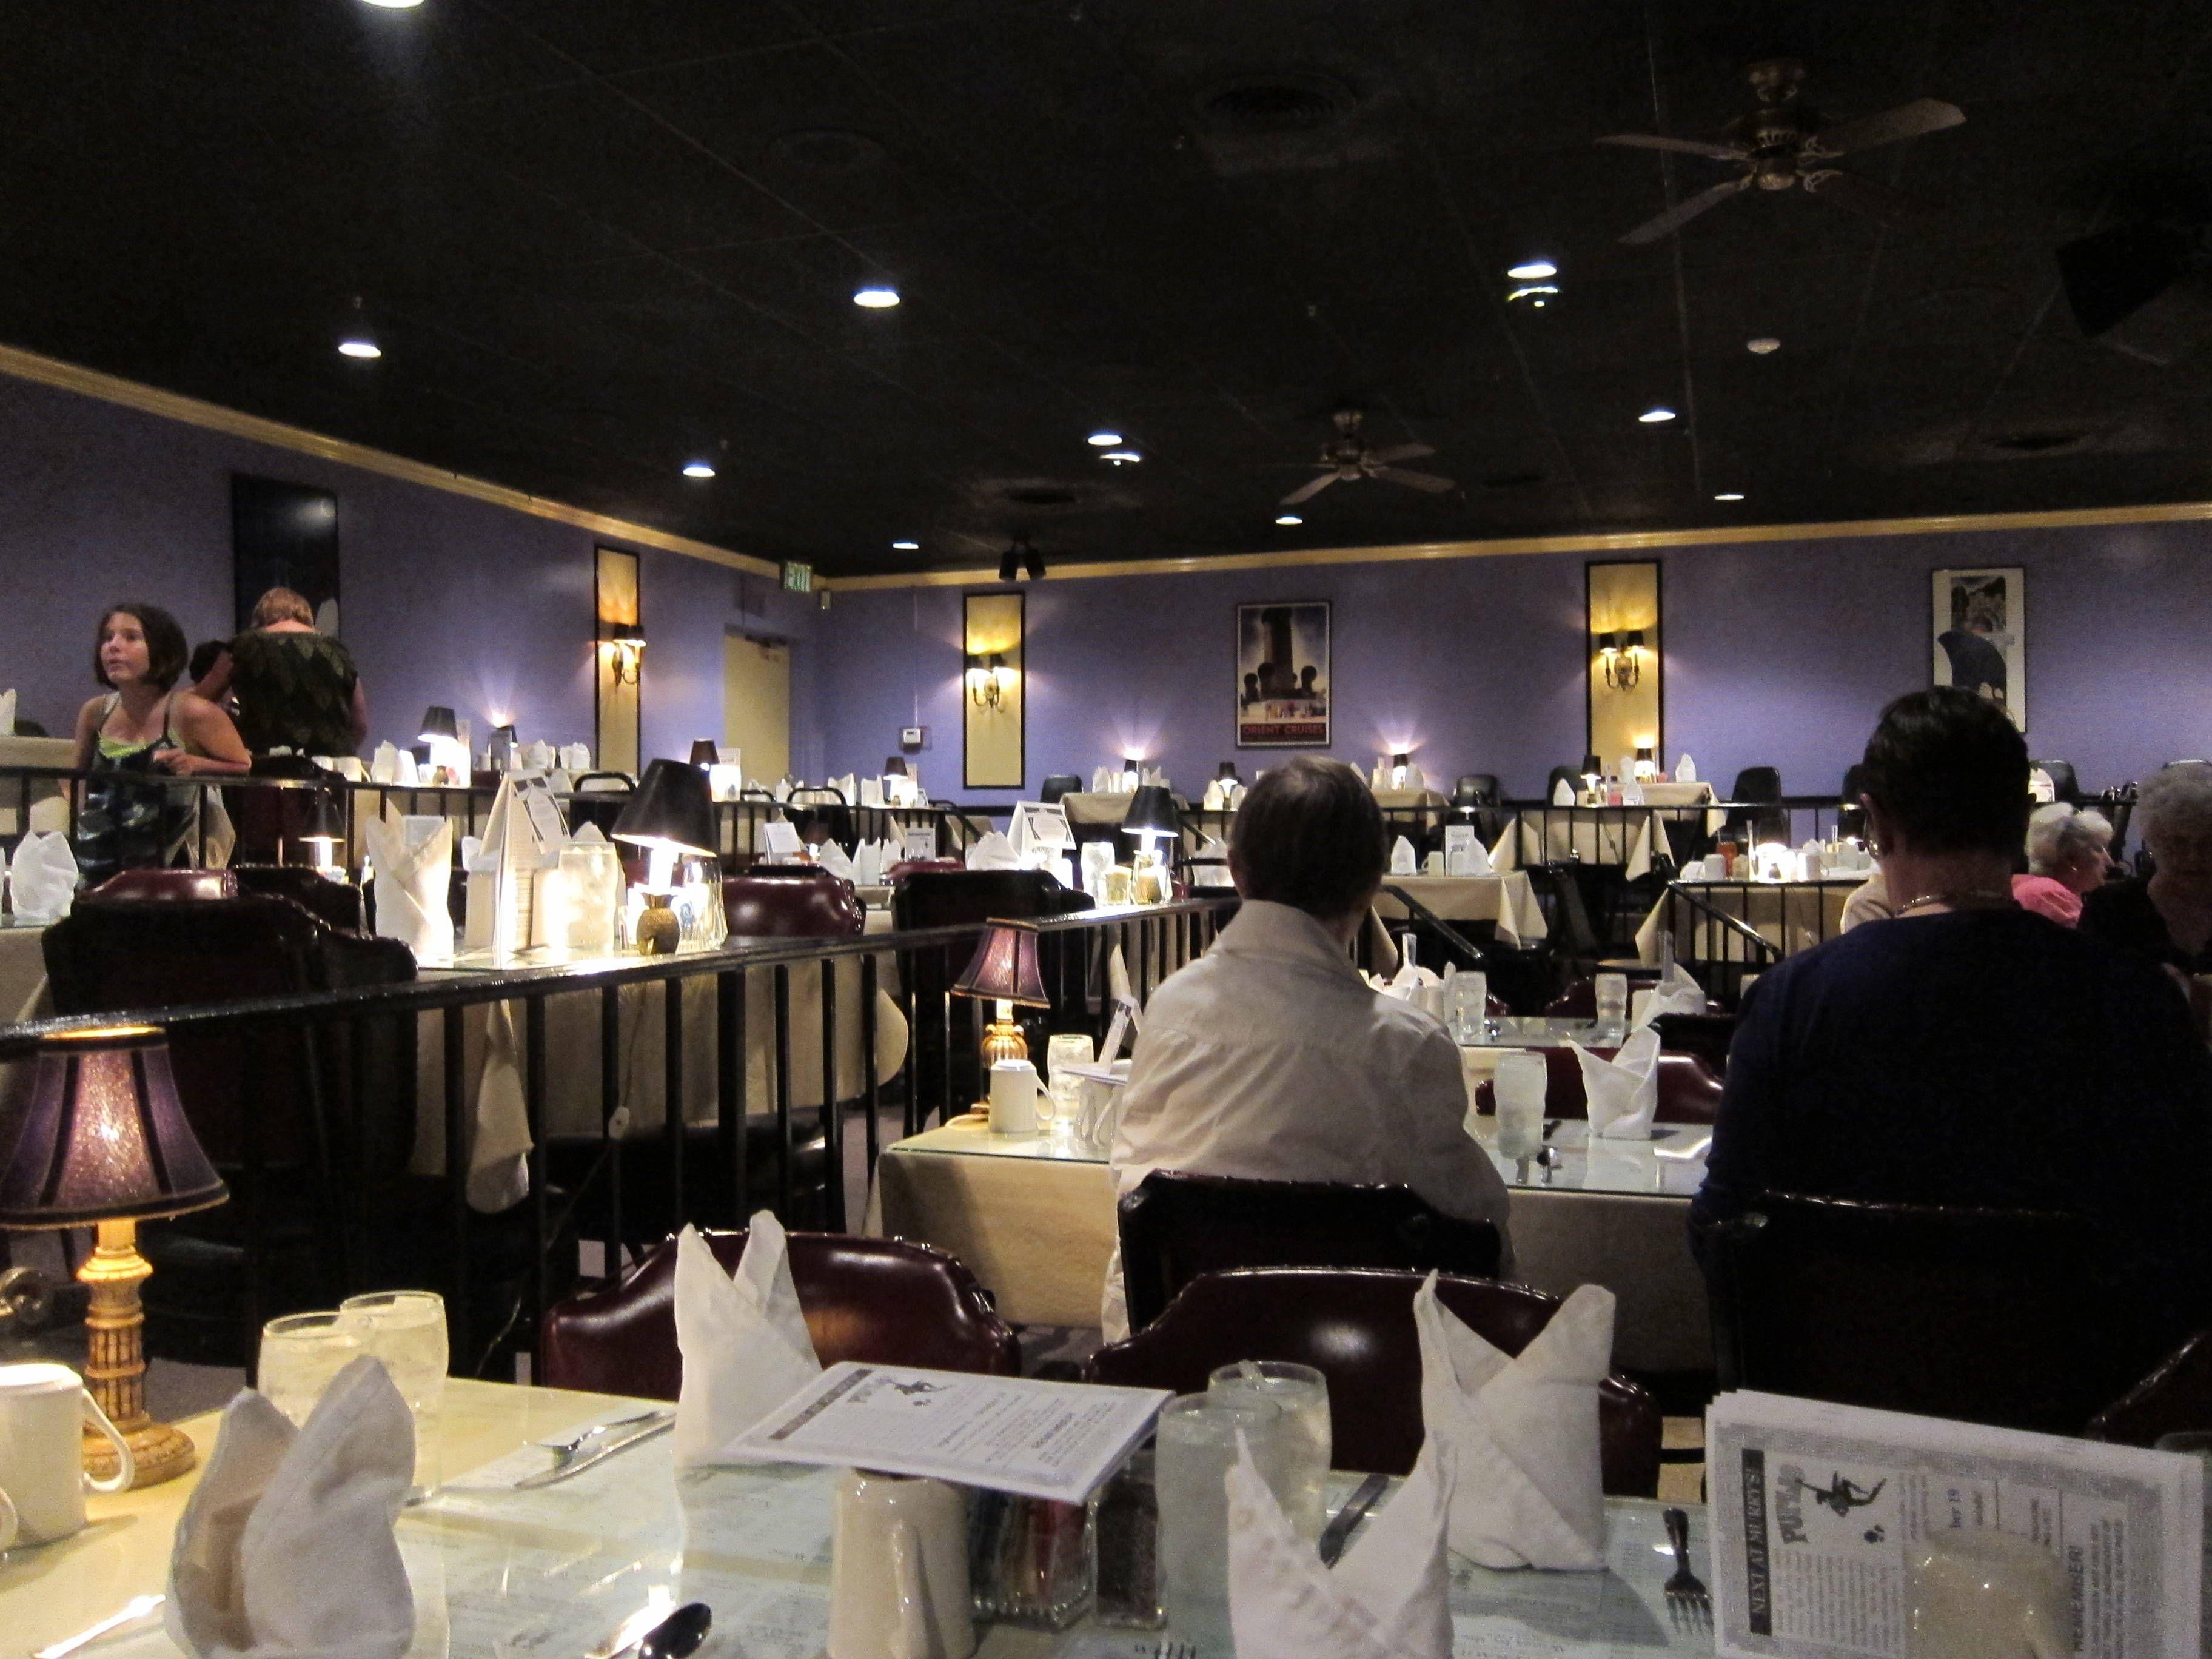 Murrys Dinner Playhouse